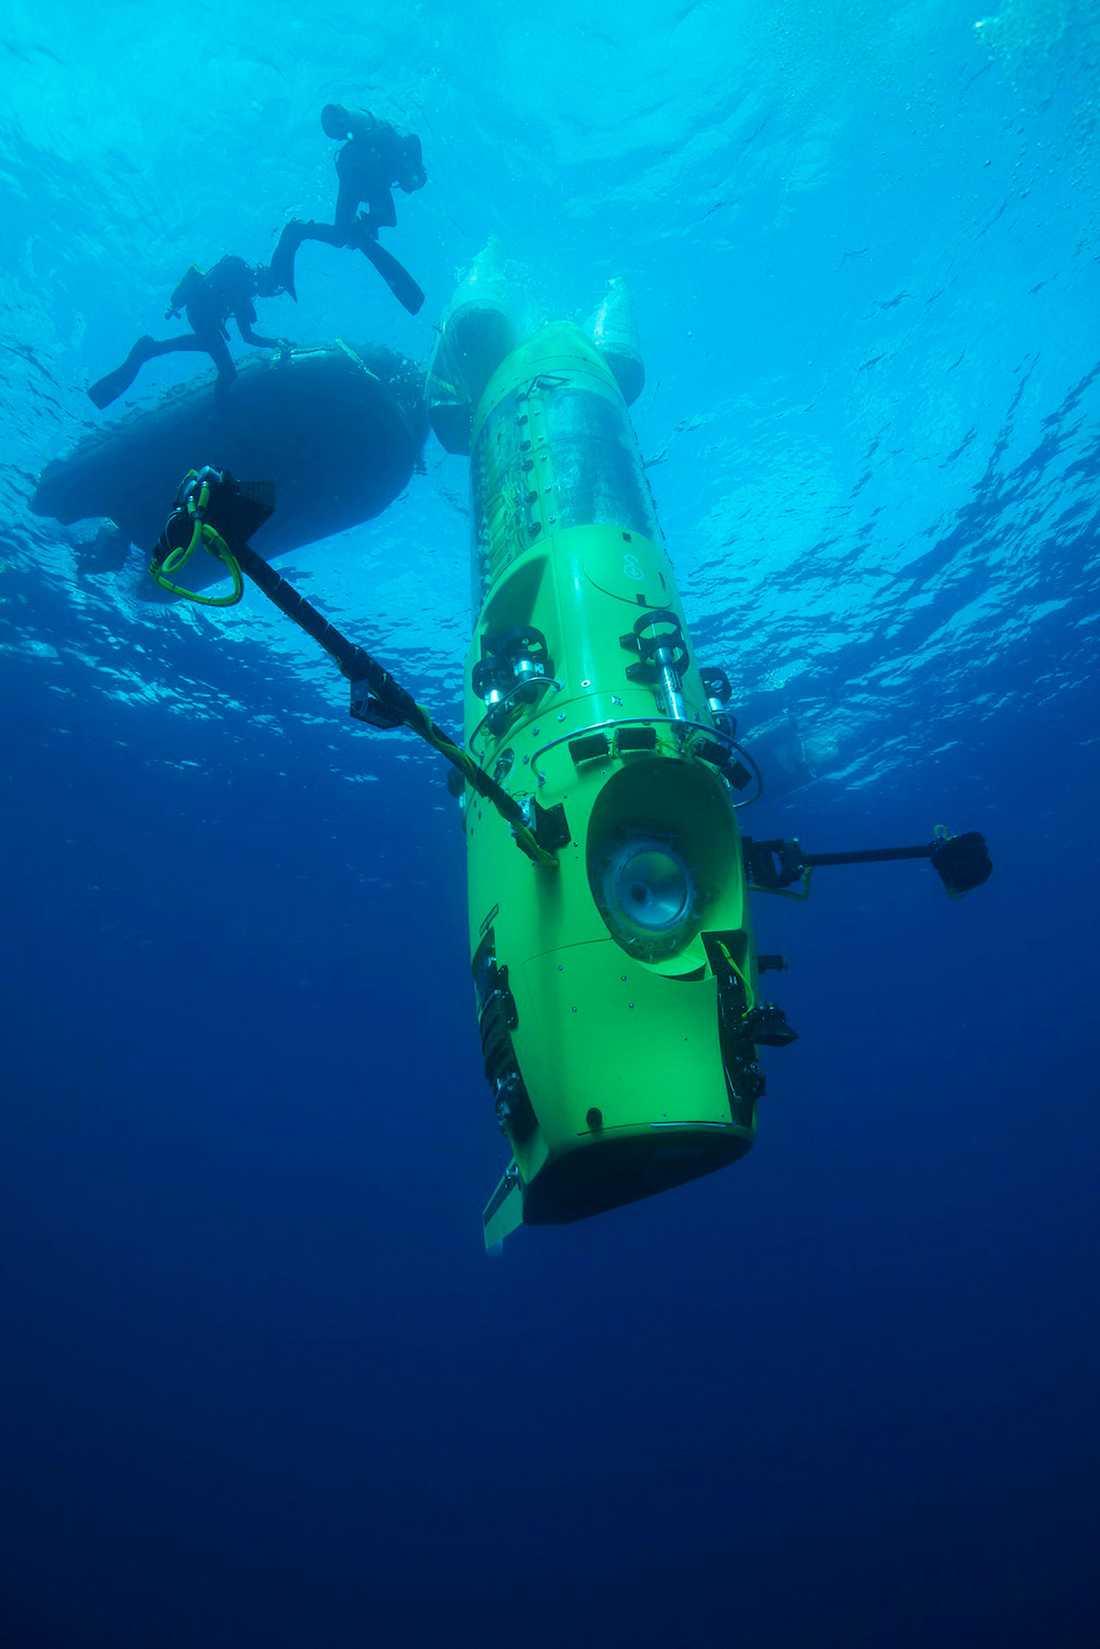 VÄRLDENS LÄGST BELÄGNA PUNKT Challengerdjupet i Marianergraven i västra Stilla havet ligger 11 024 meter under havsytan.